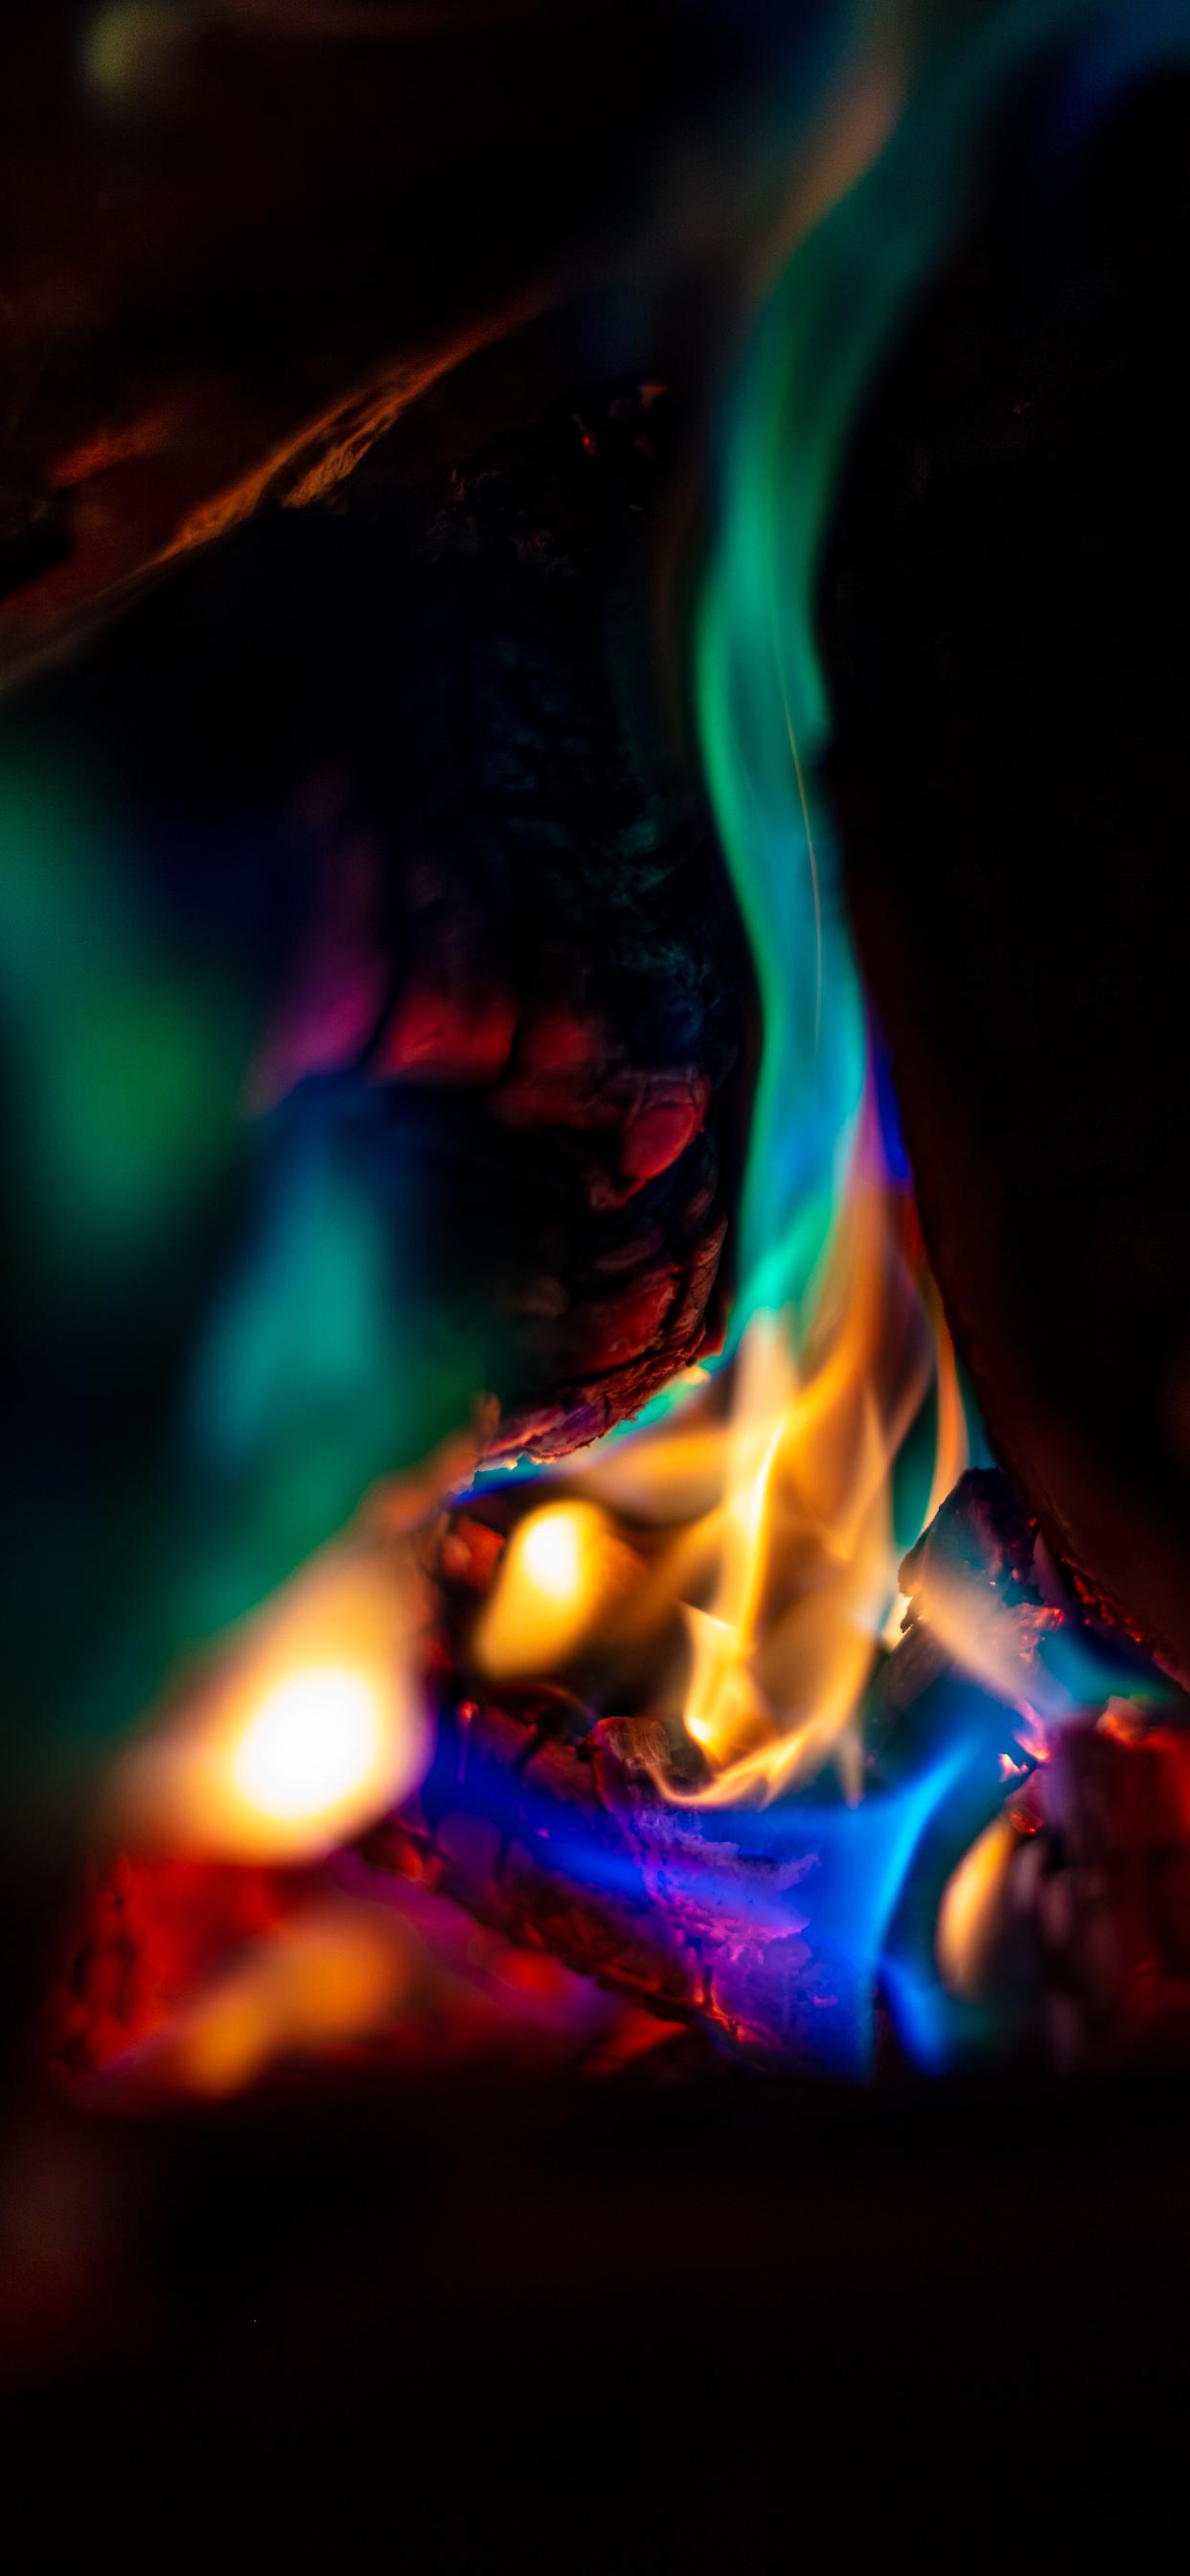 iPhone wallpapers fire colors 2 Fonds d'écran iPhone du 20/02/2020